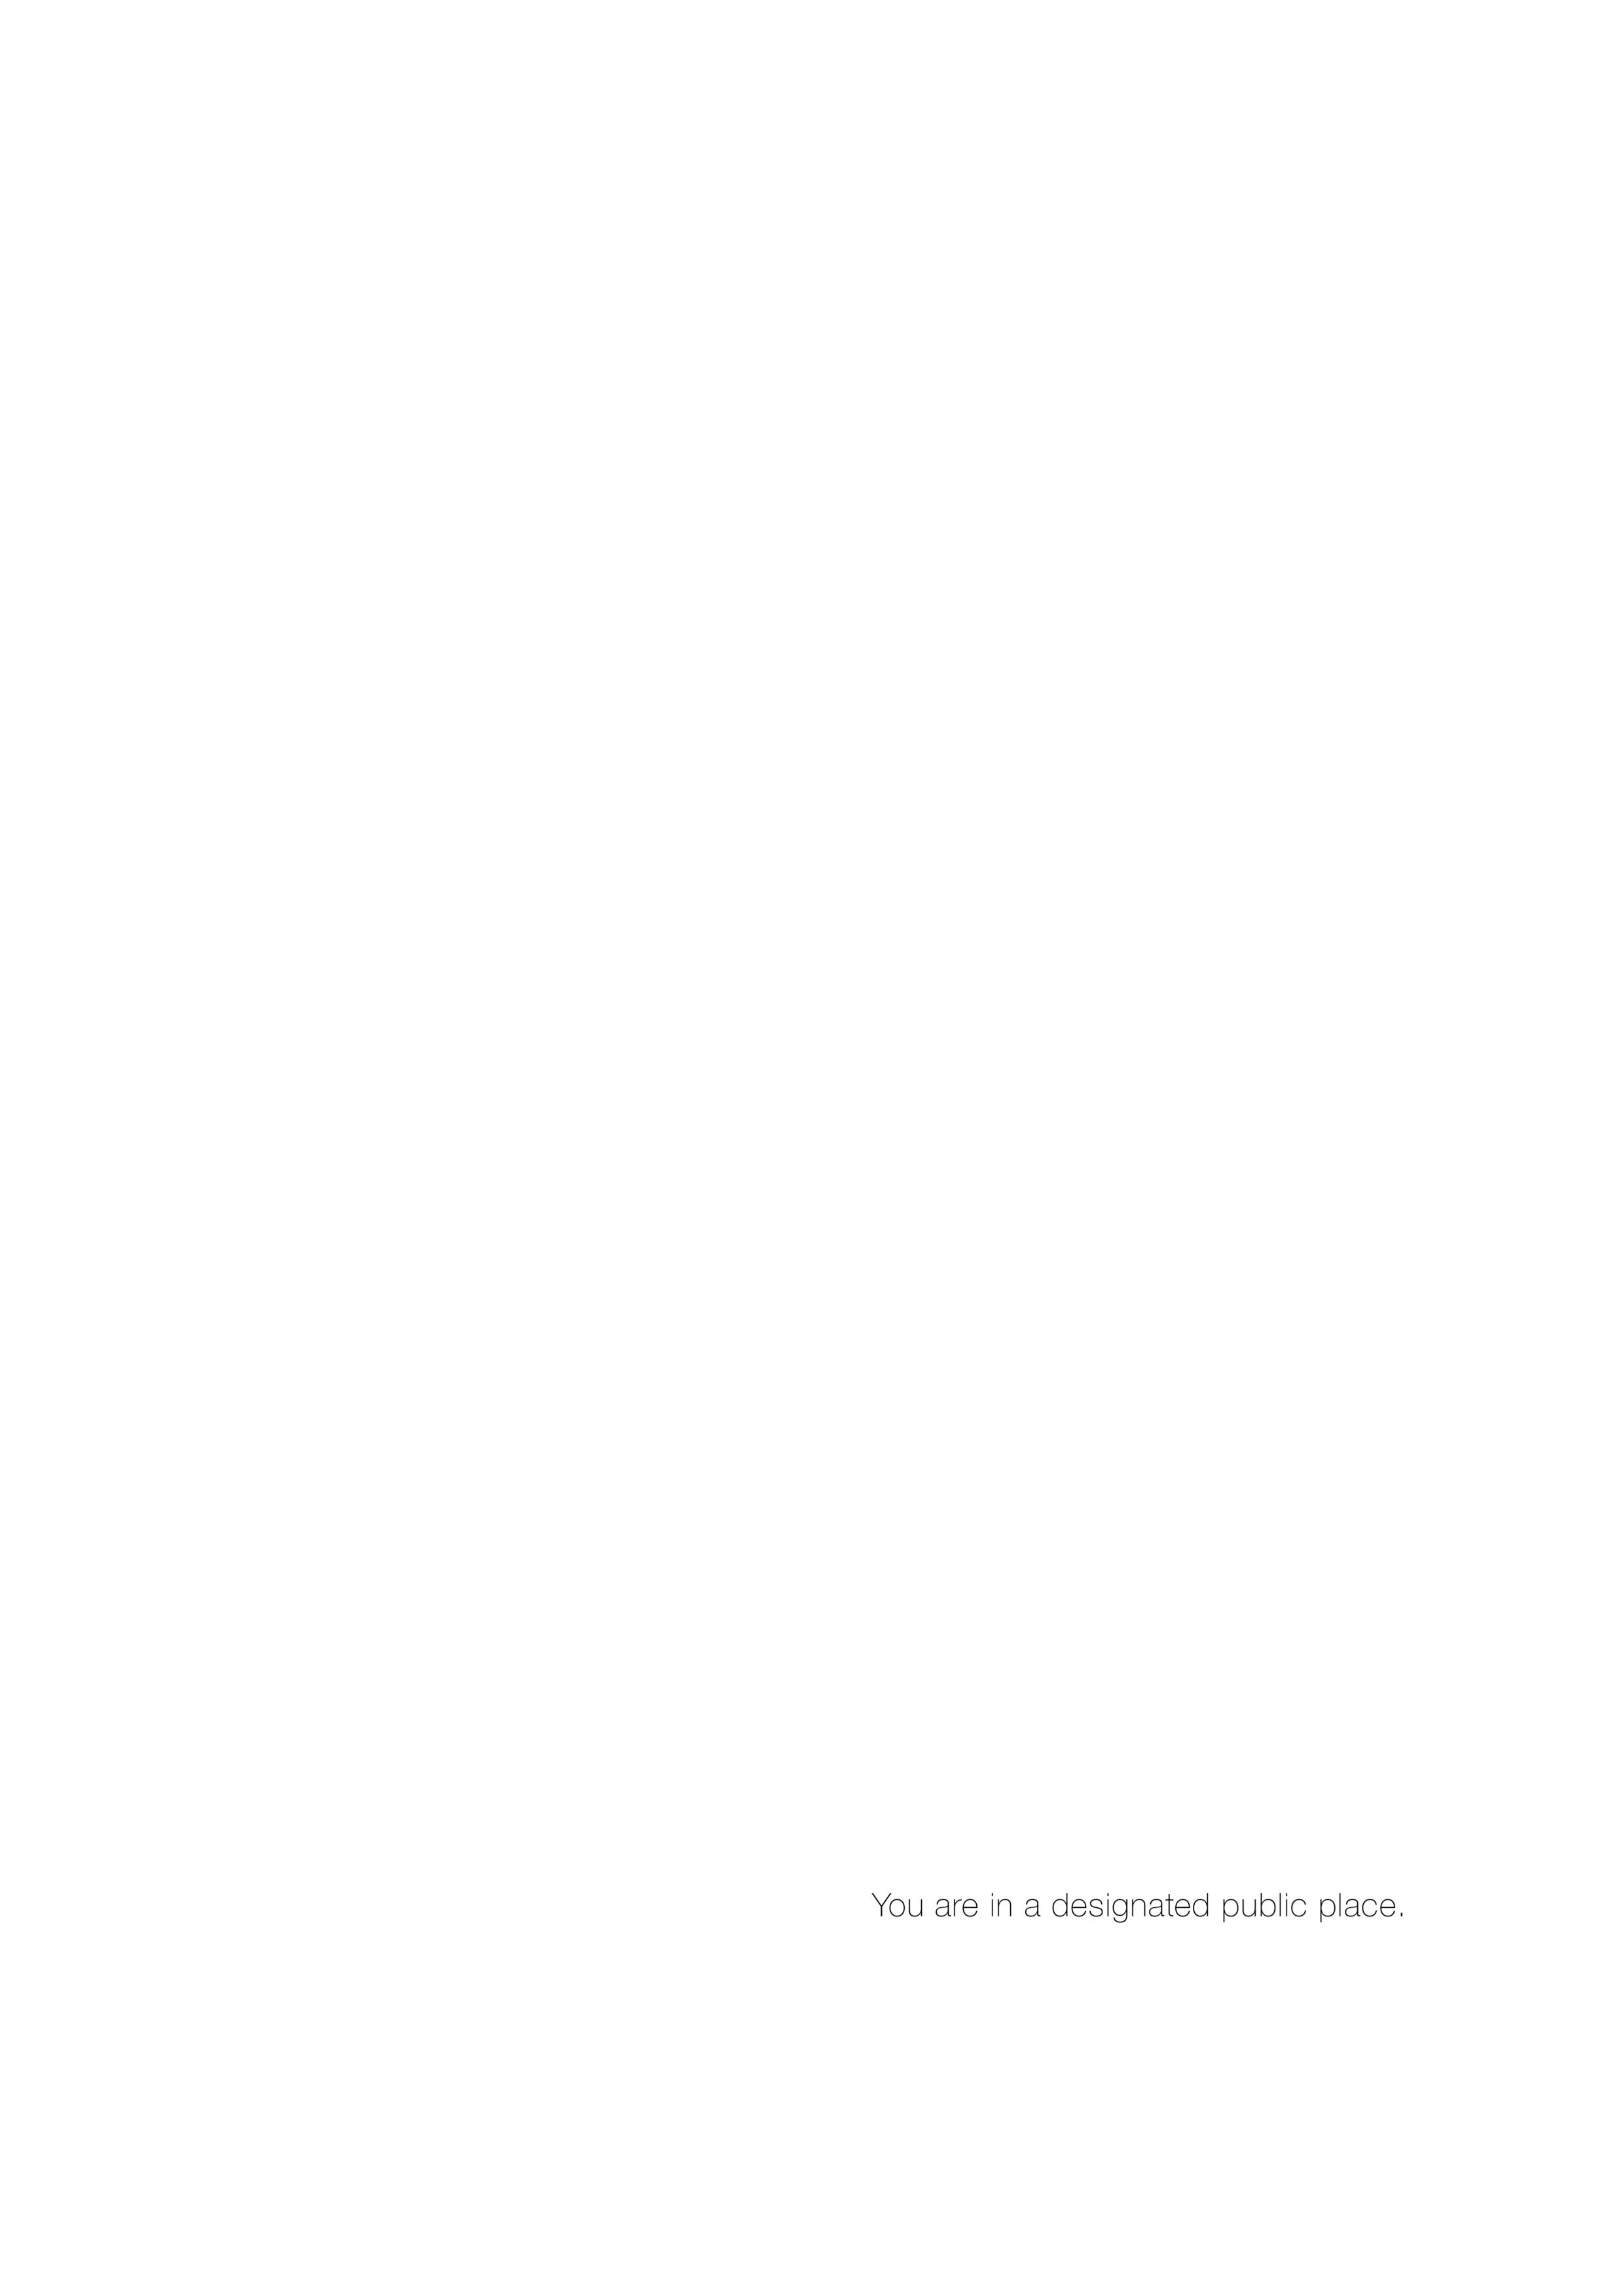 Text_2.jpg